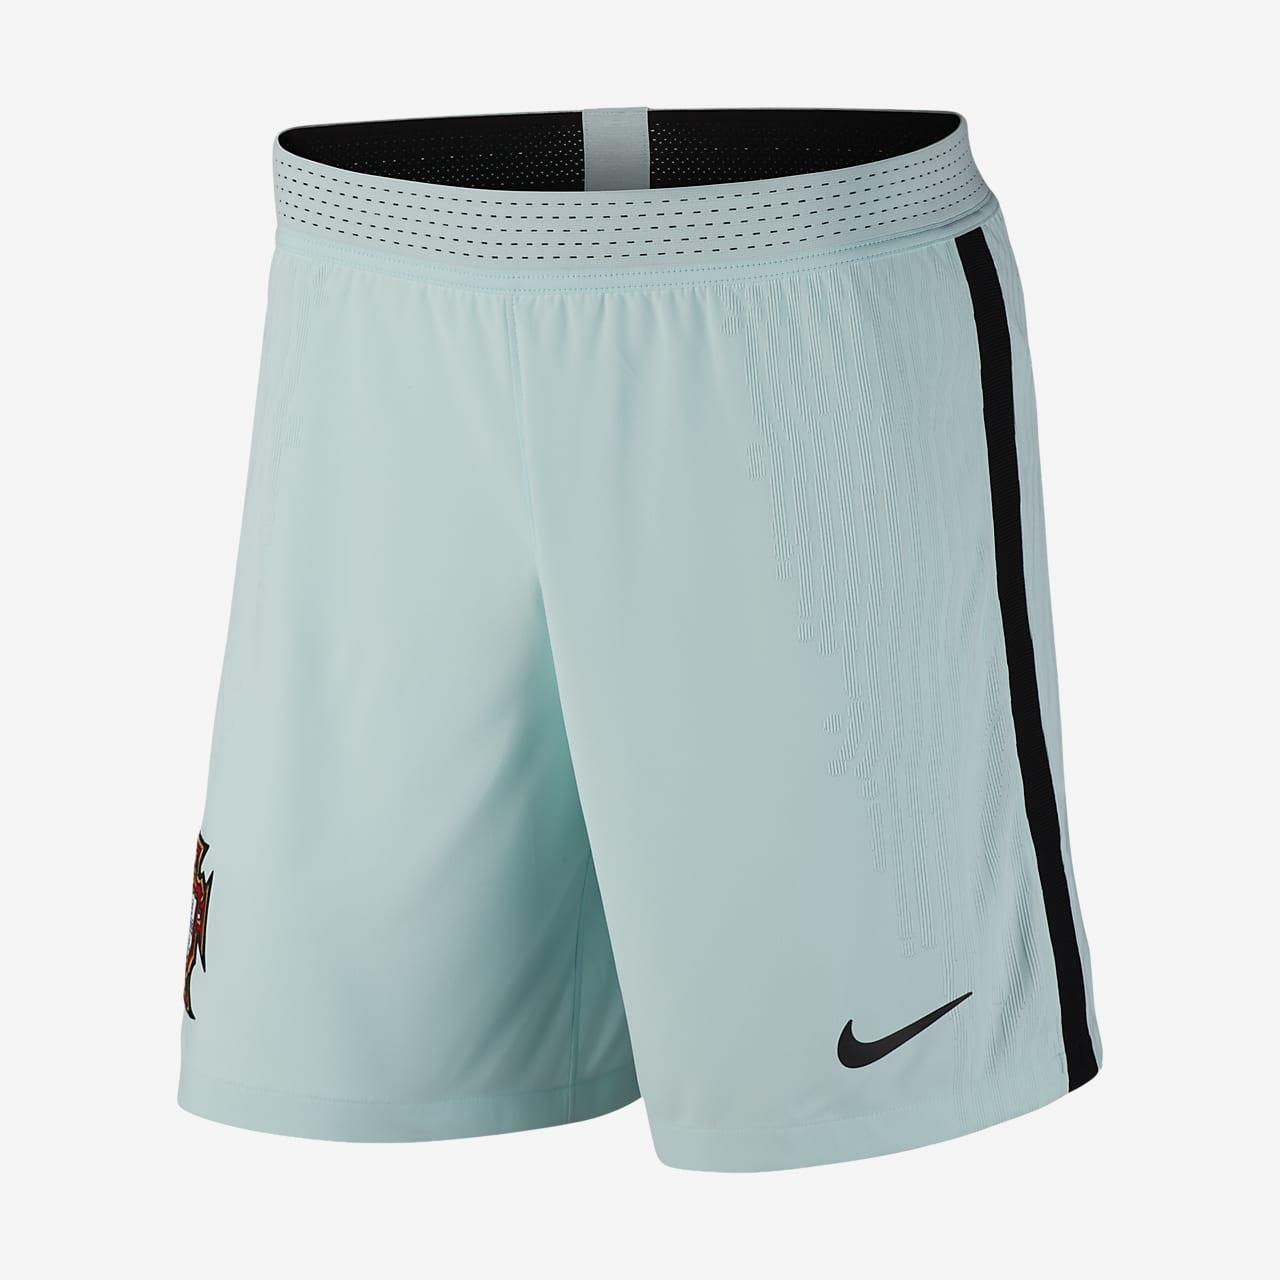 Portugal 2020 Vapor Match Away Men's Football Shorts